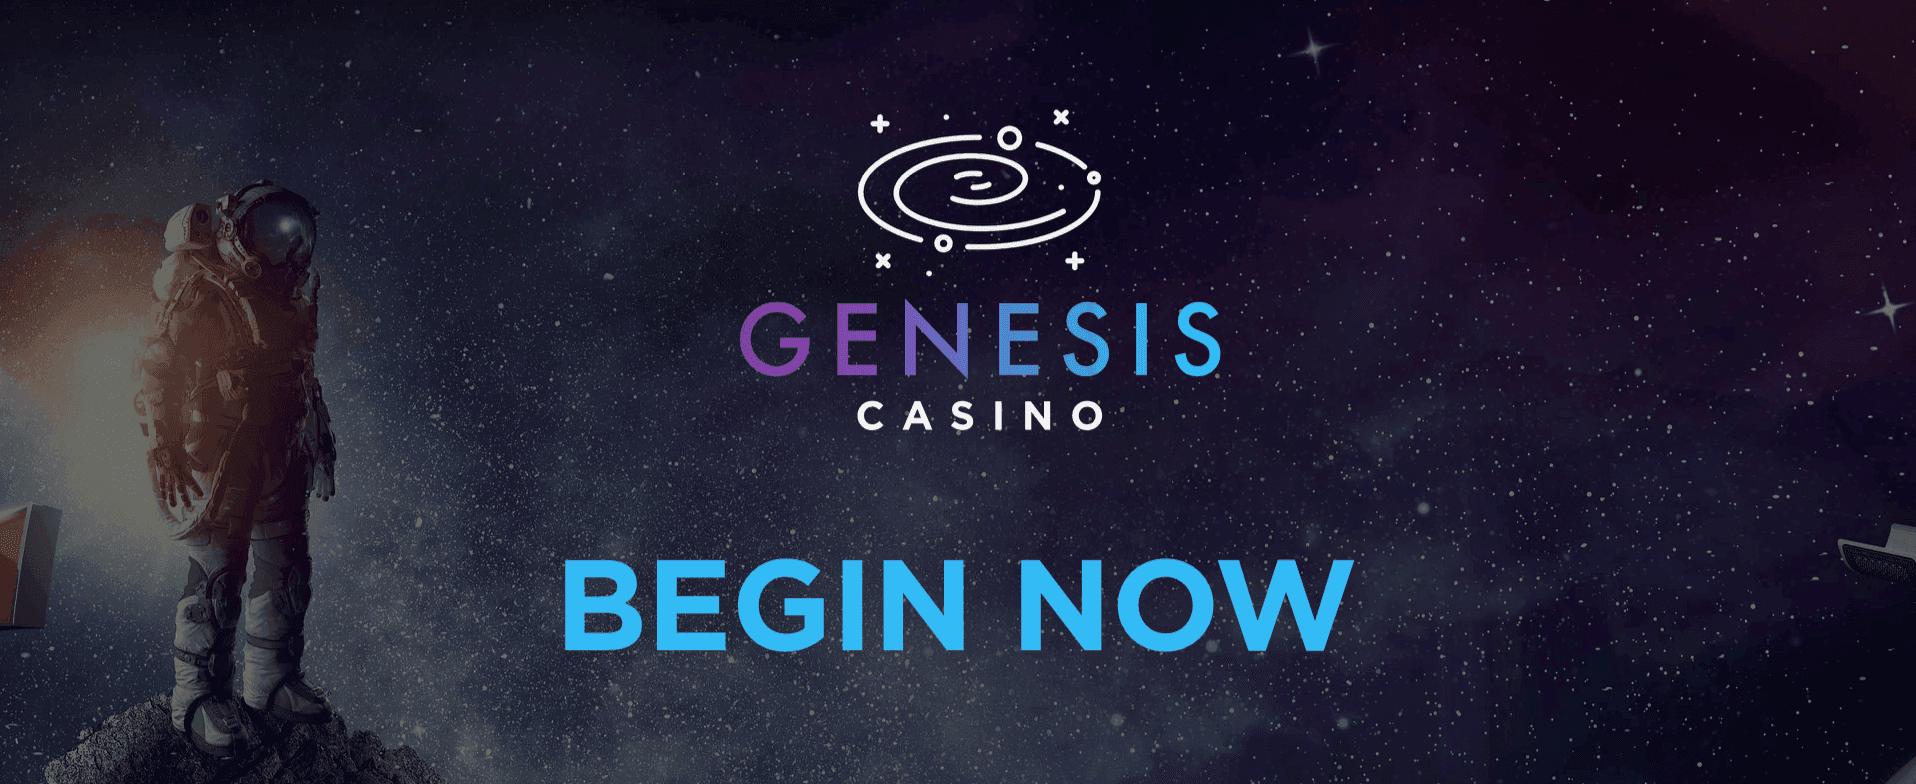 kasino genesis